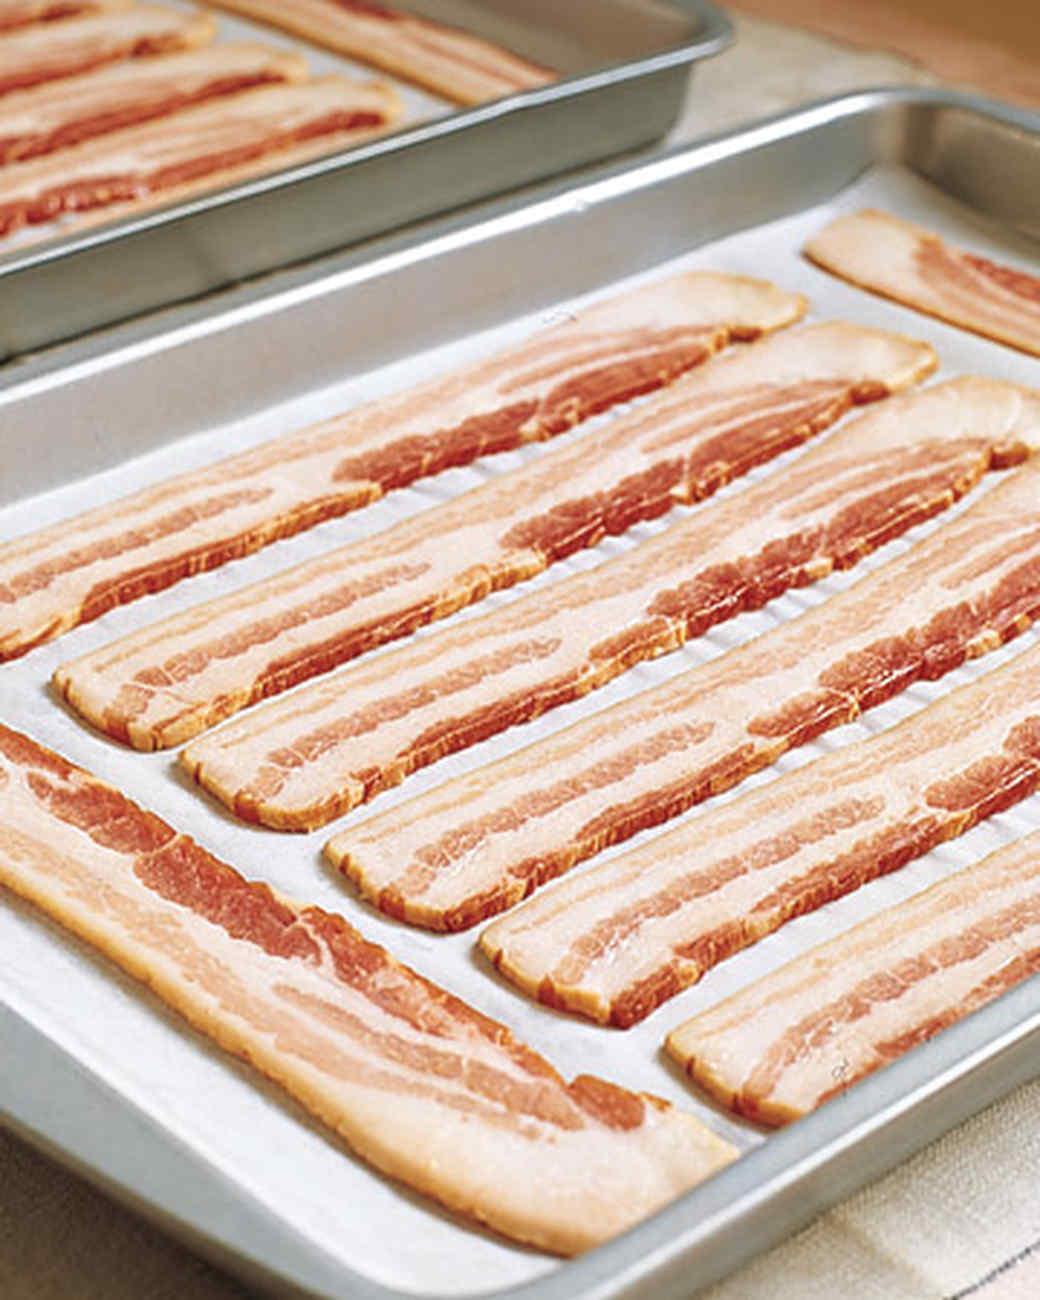 ft_0505_bacon_l.jpg